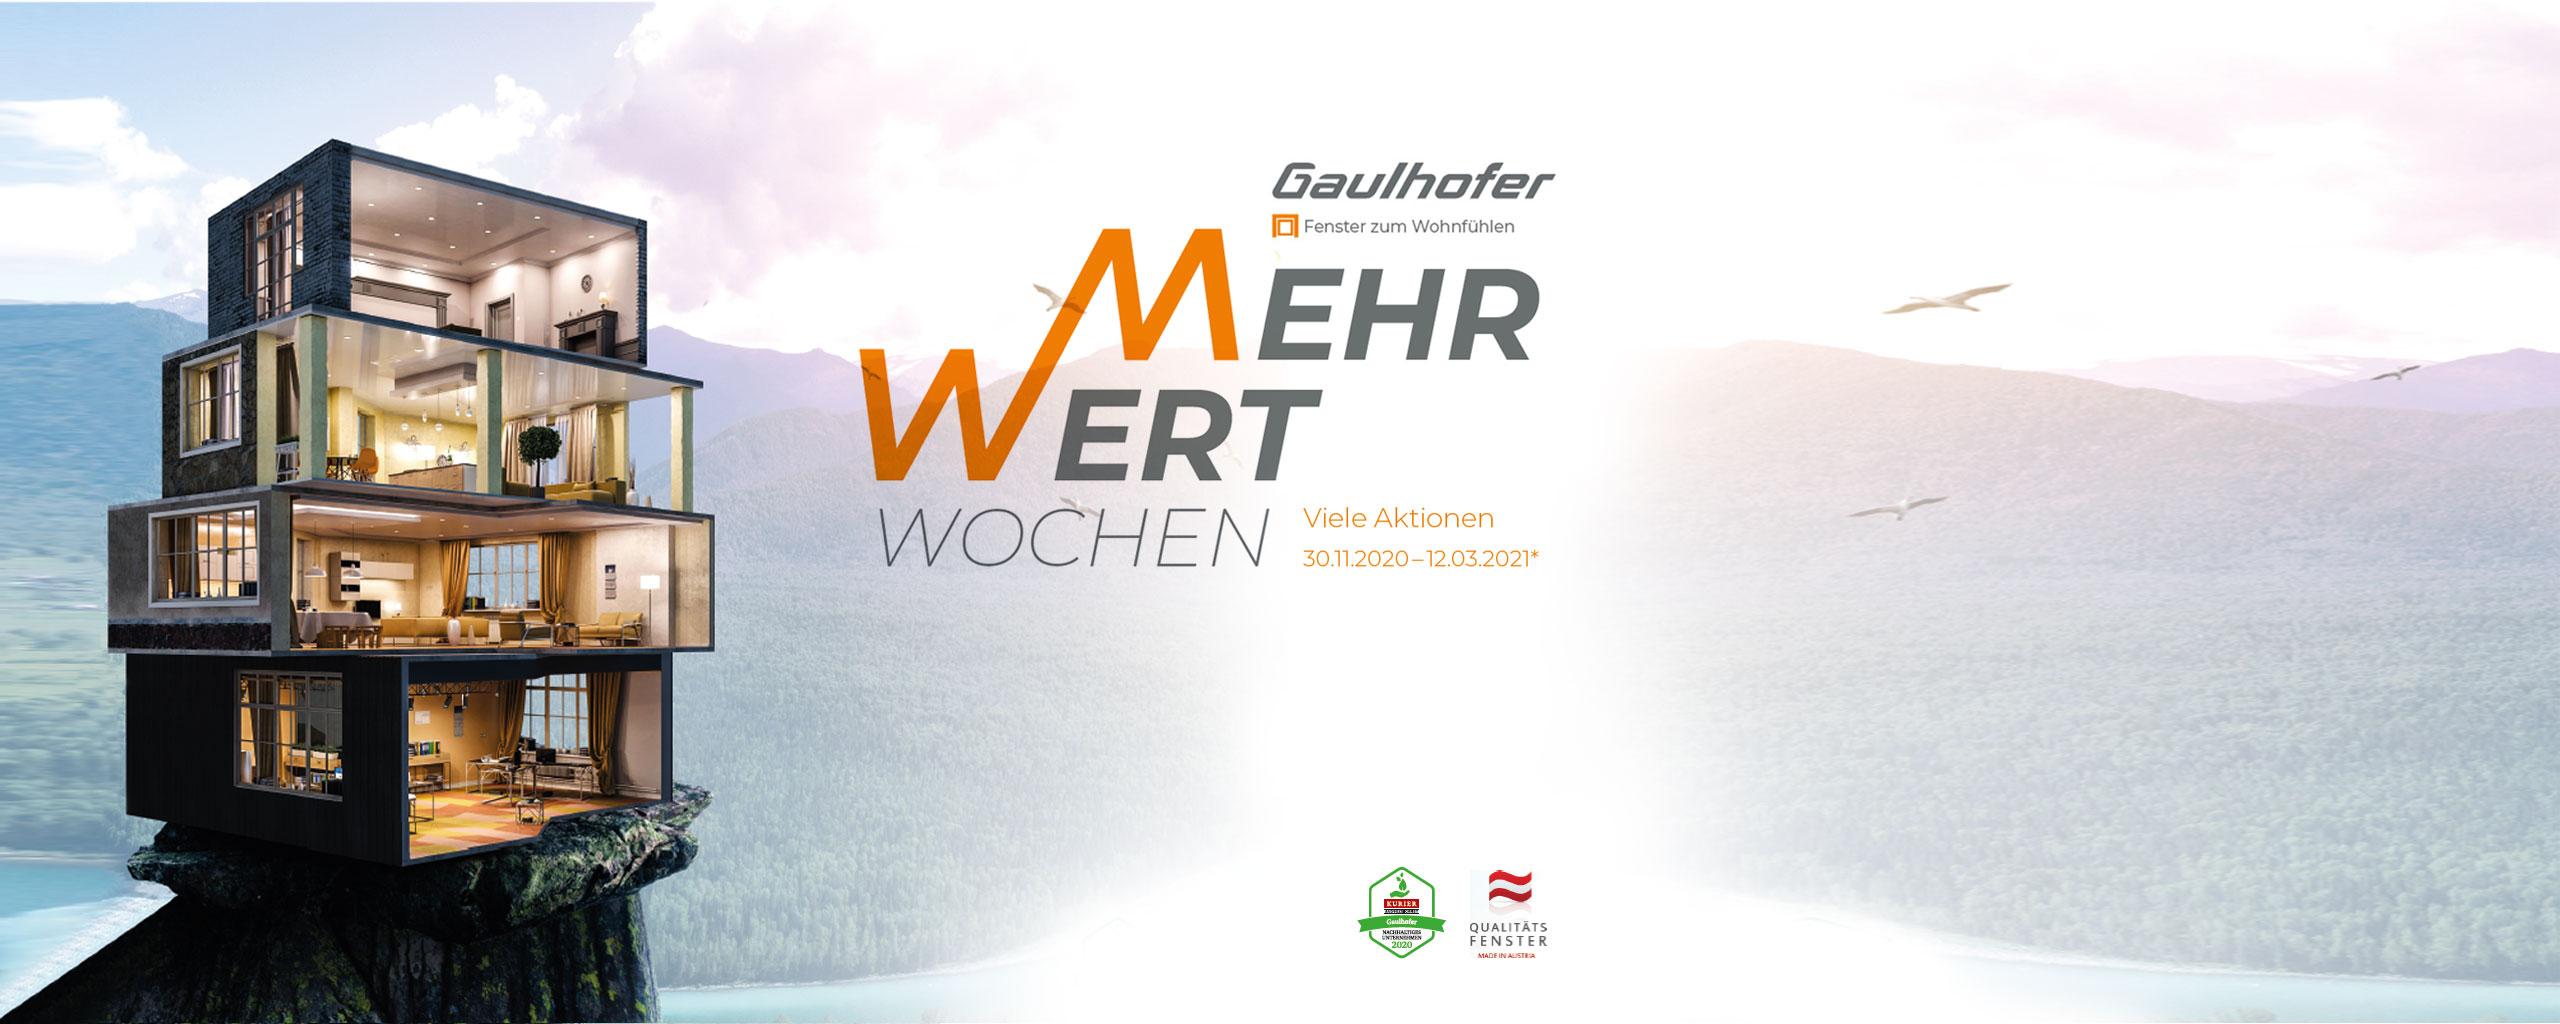 Homepage Slider Gaulhofer Mehrwertwochen 2020/2021 | BWE, Unterschleißheim